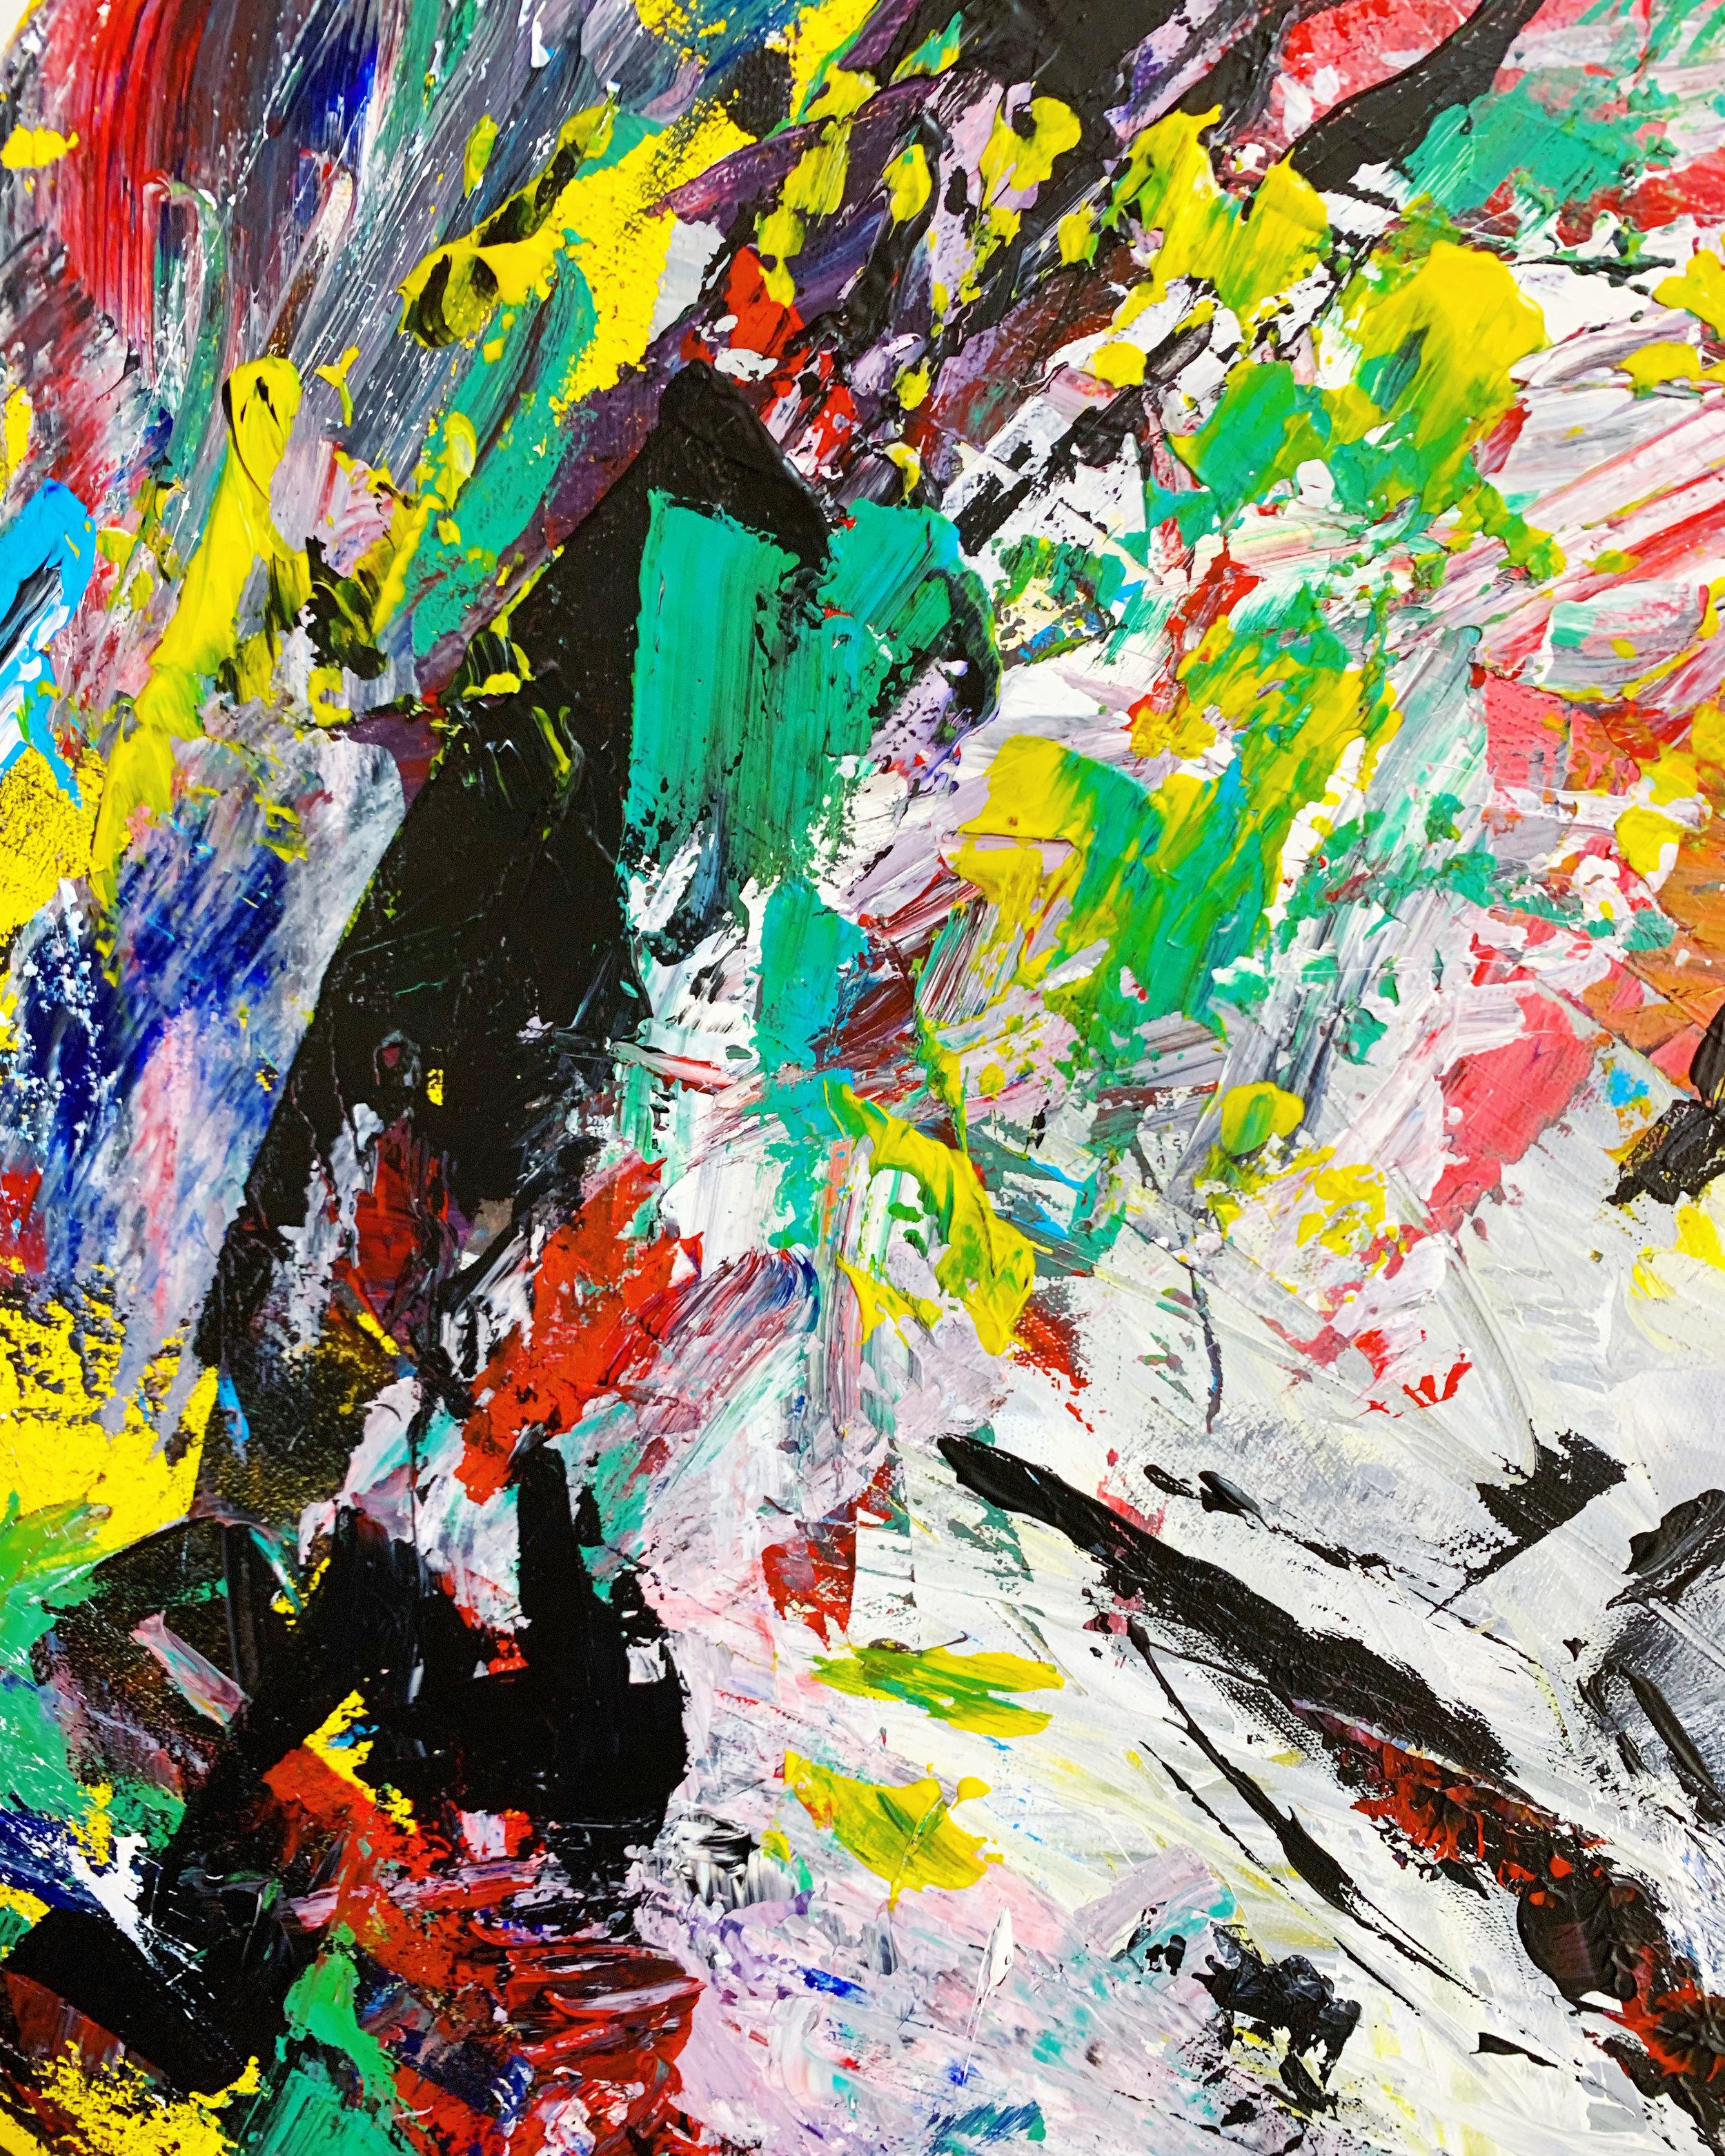 zean-vo-painting-1.jpg